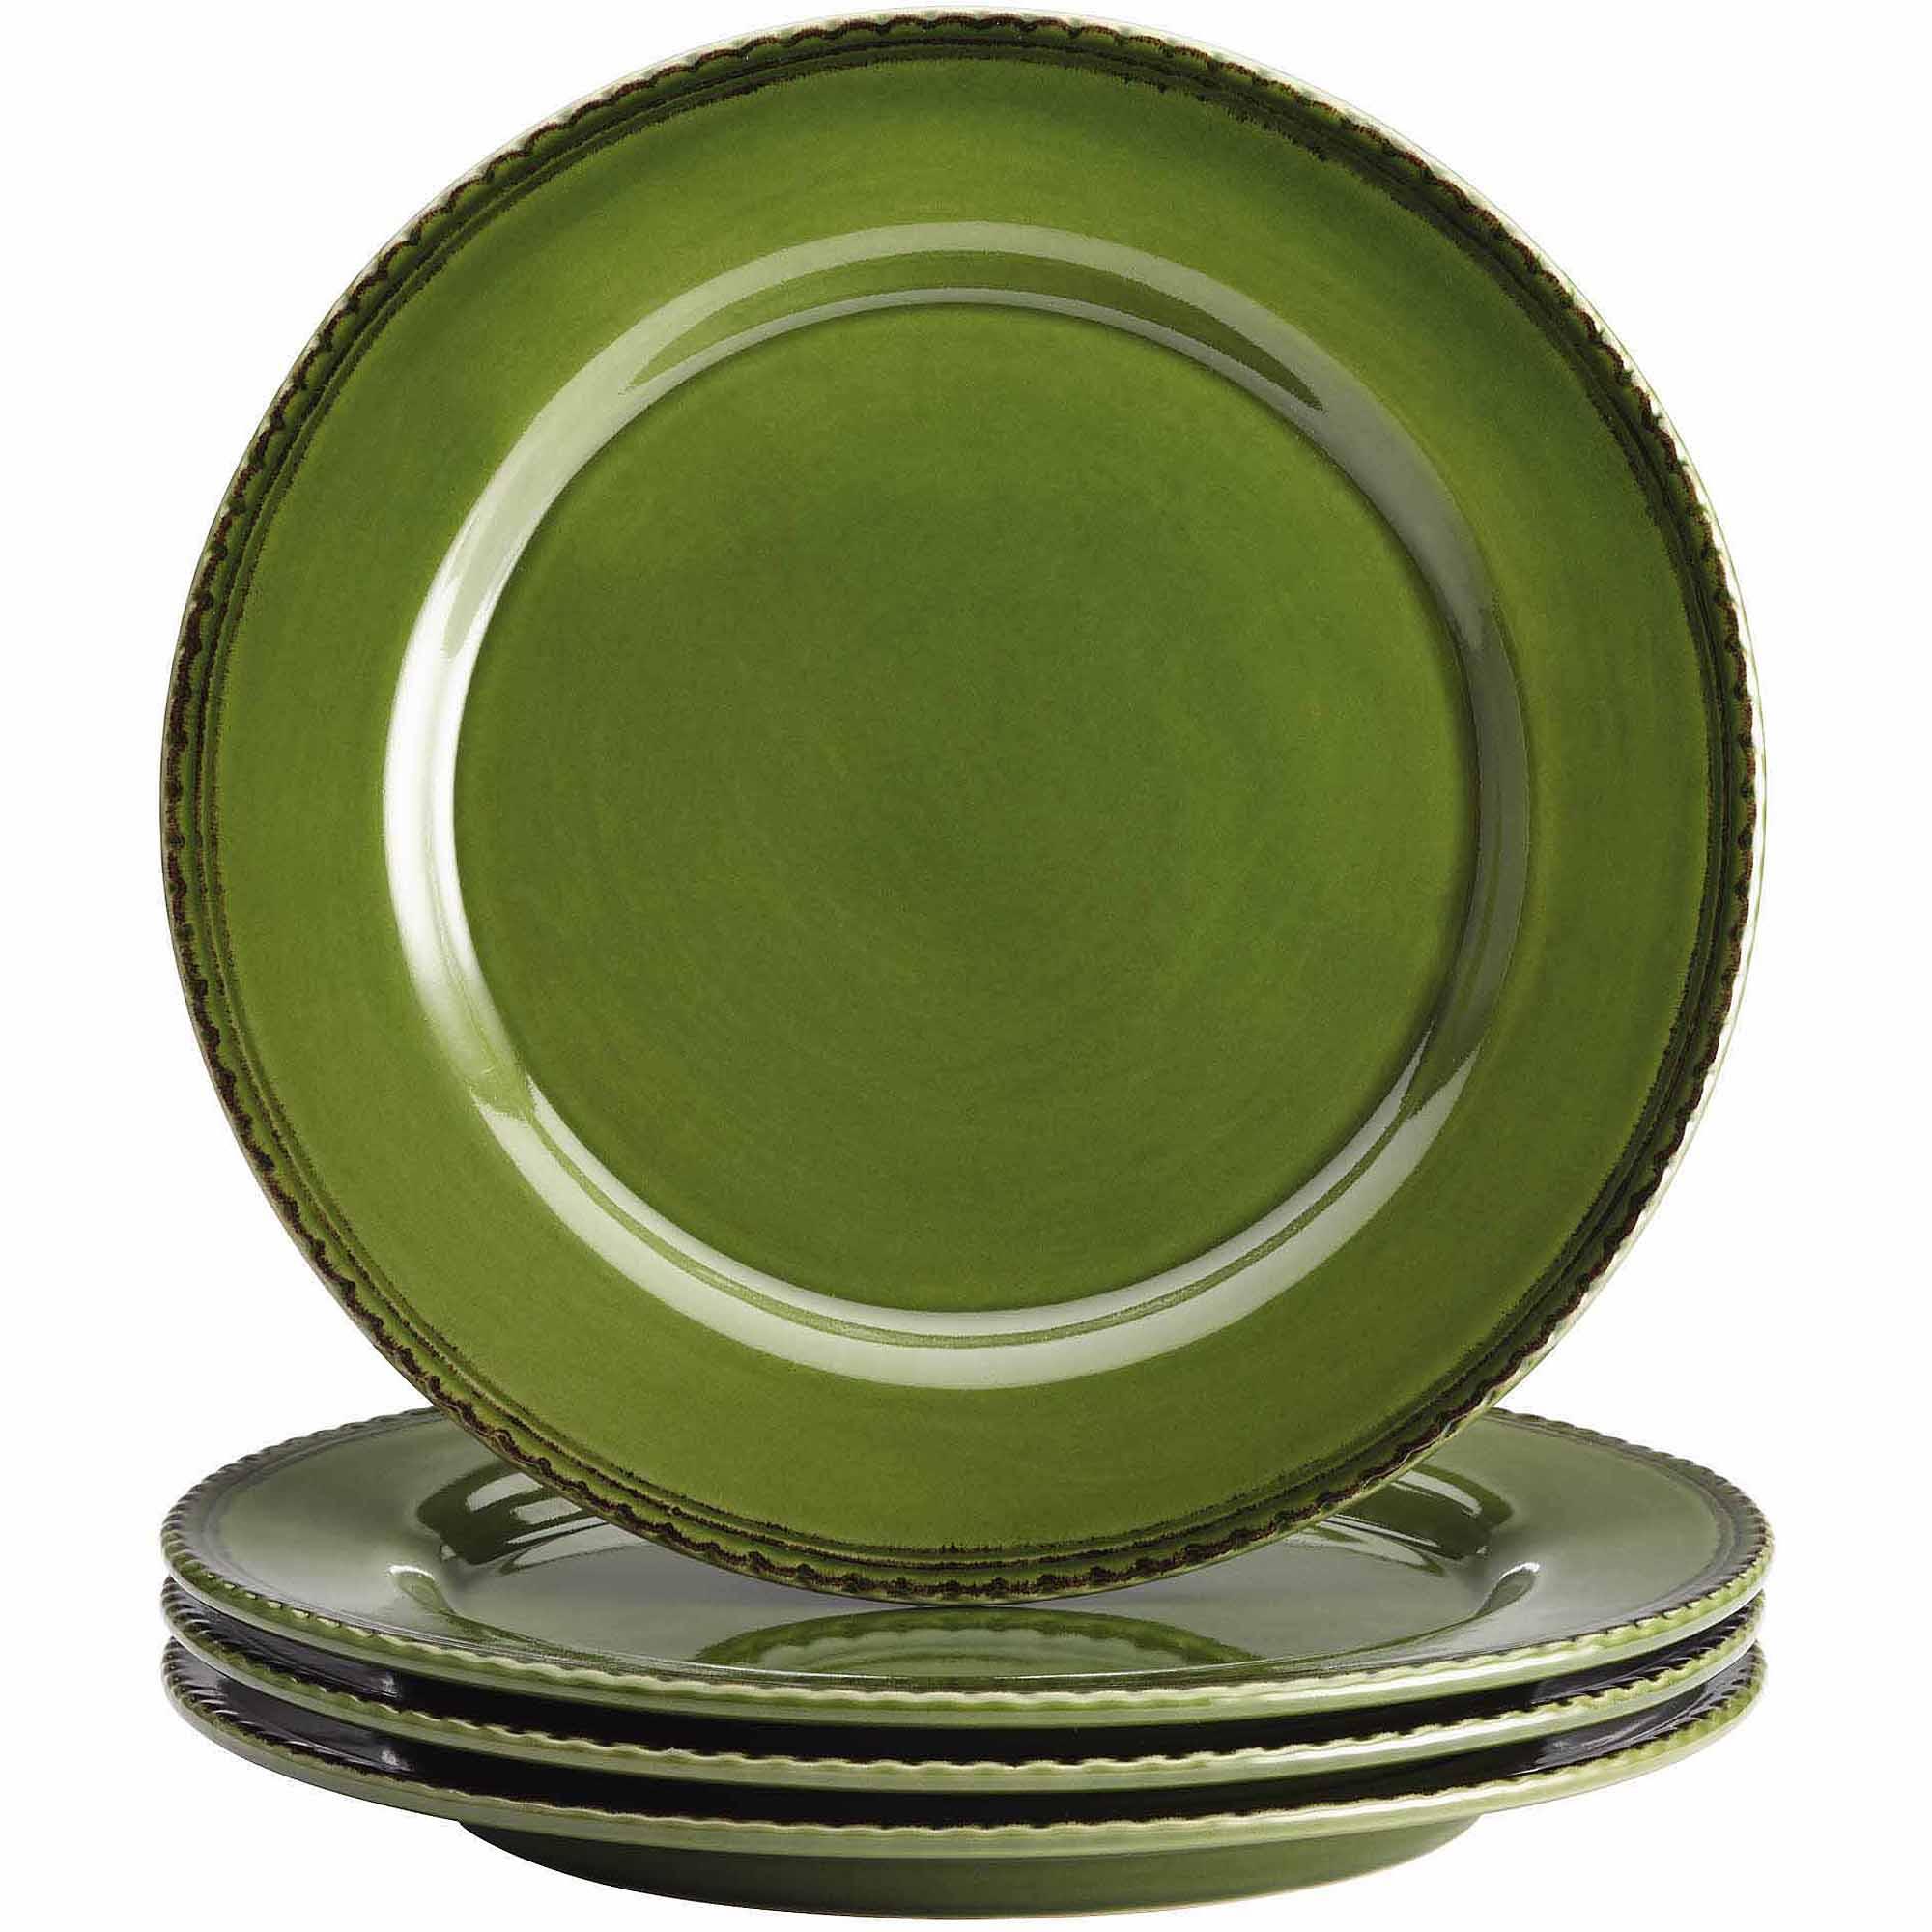 BonJour Dinnerware Sierra Pine 4-Piece Stoneware Dinner Plate Set, Forest